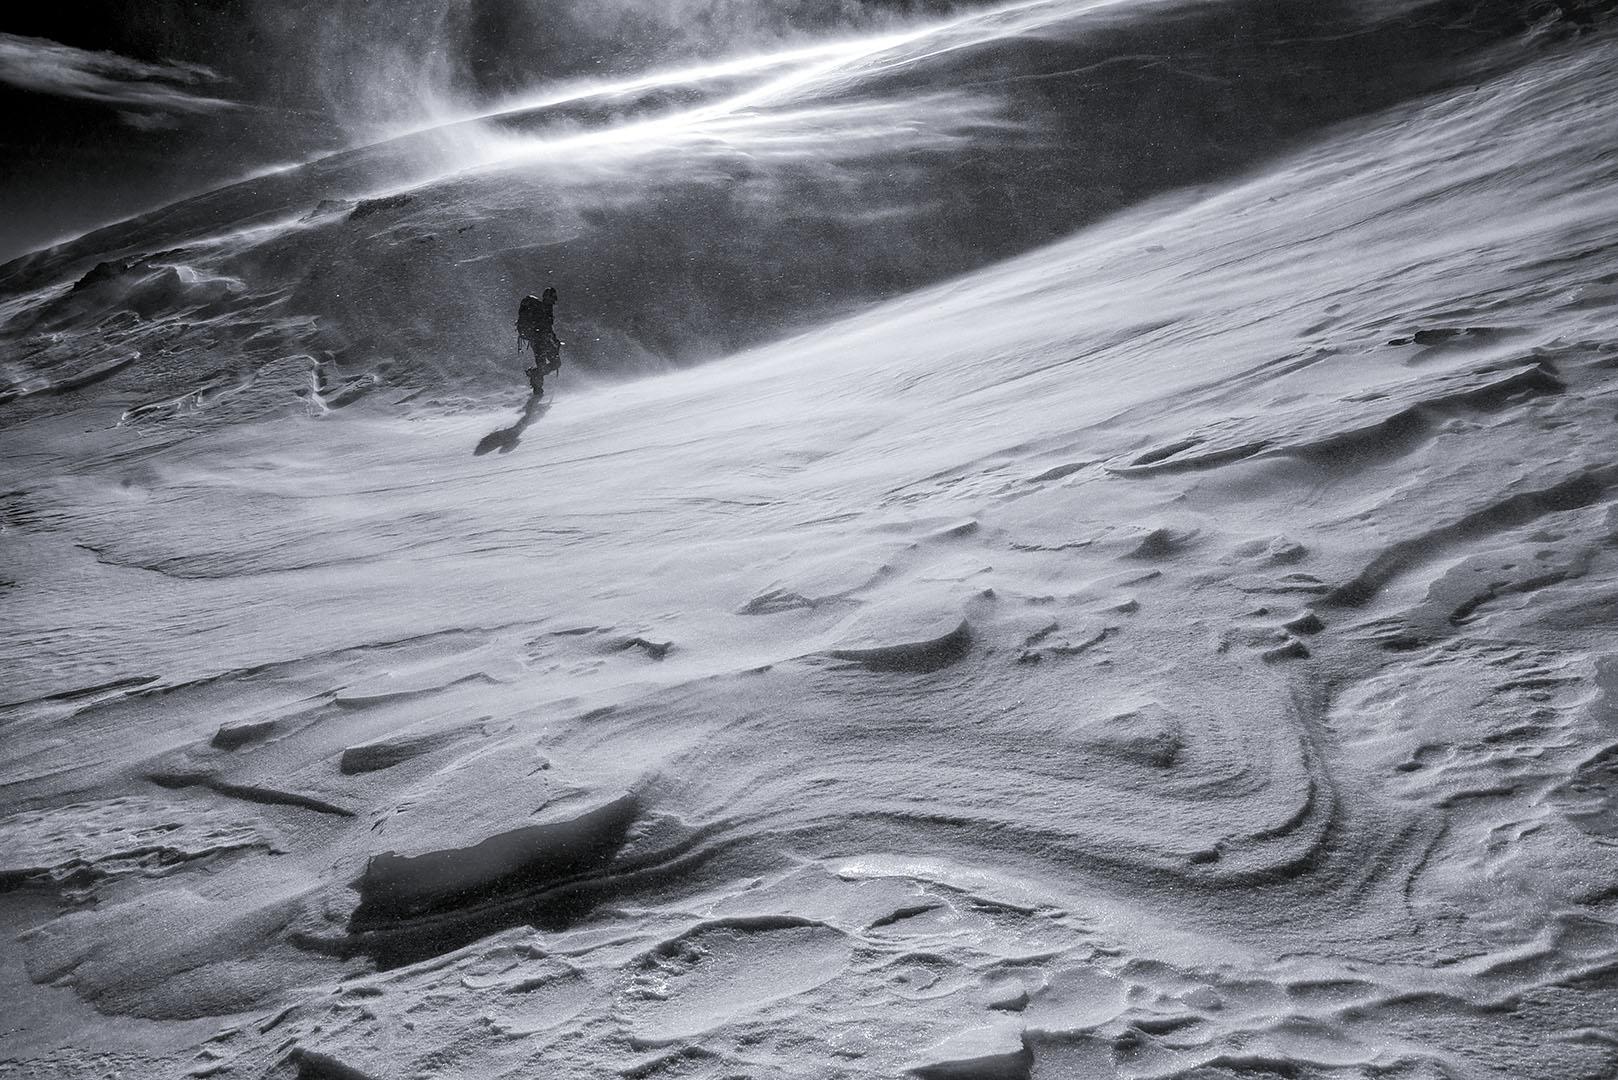 Sintiendo el viento, Pirineos. - Deportes y aventuras - Iñaki Larrea, Fotografía de naturaleza y montaña